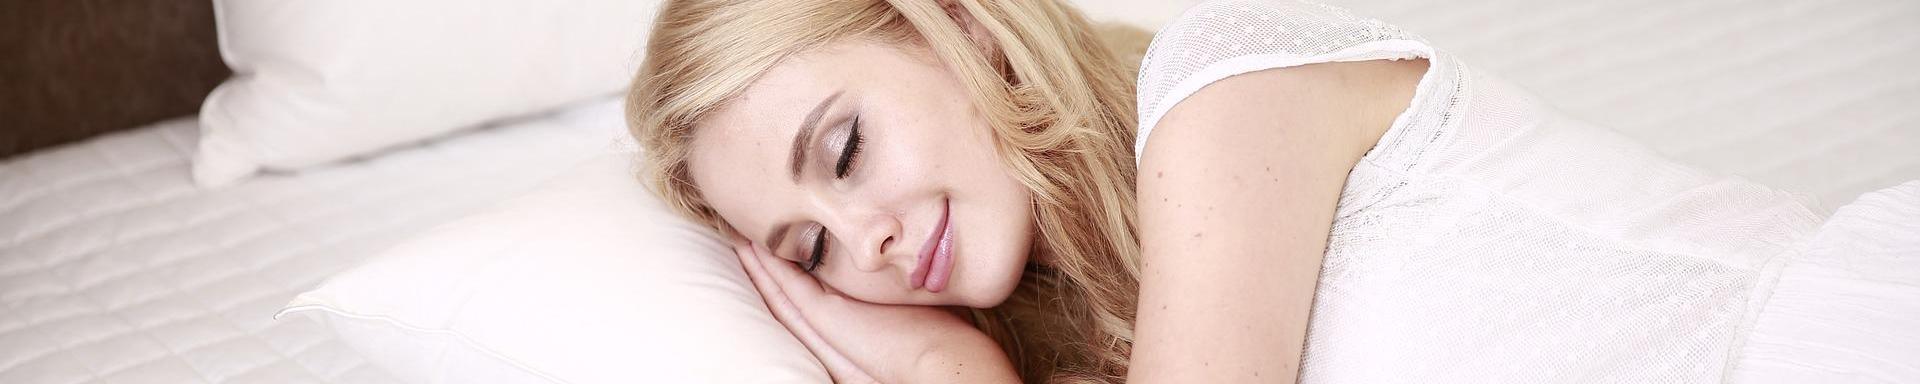 Dulces sueños: La rutina perfecta antes de acostarte